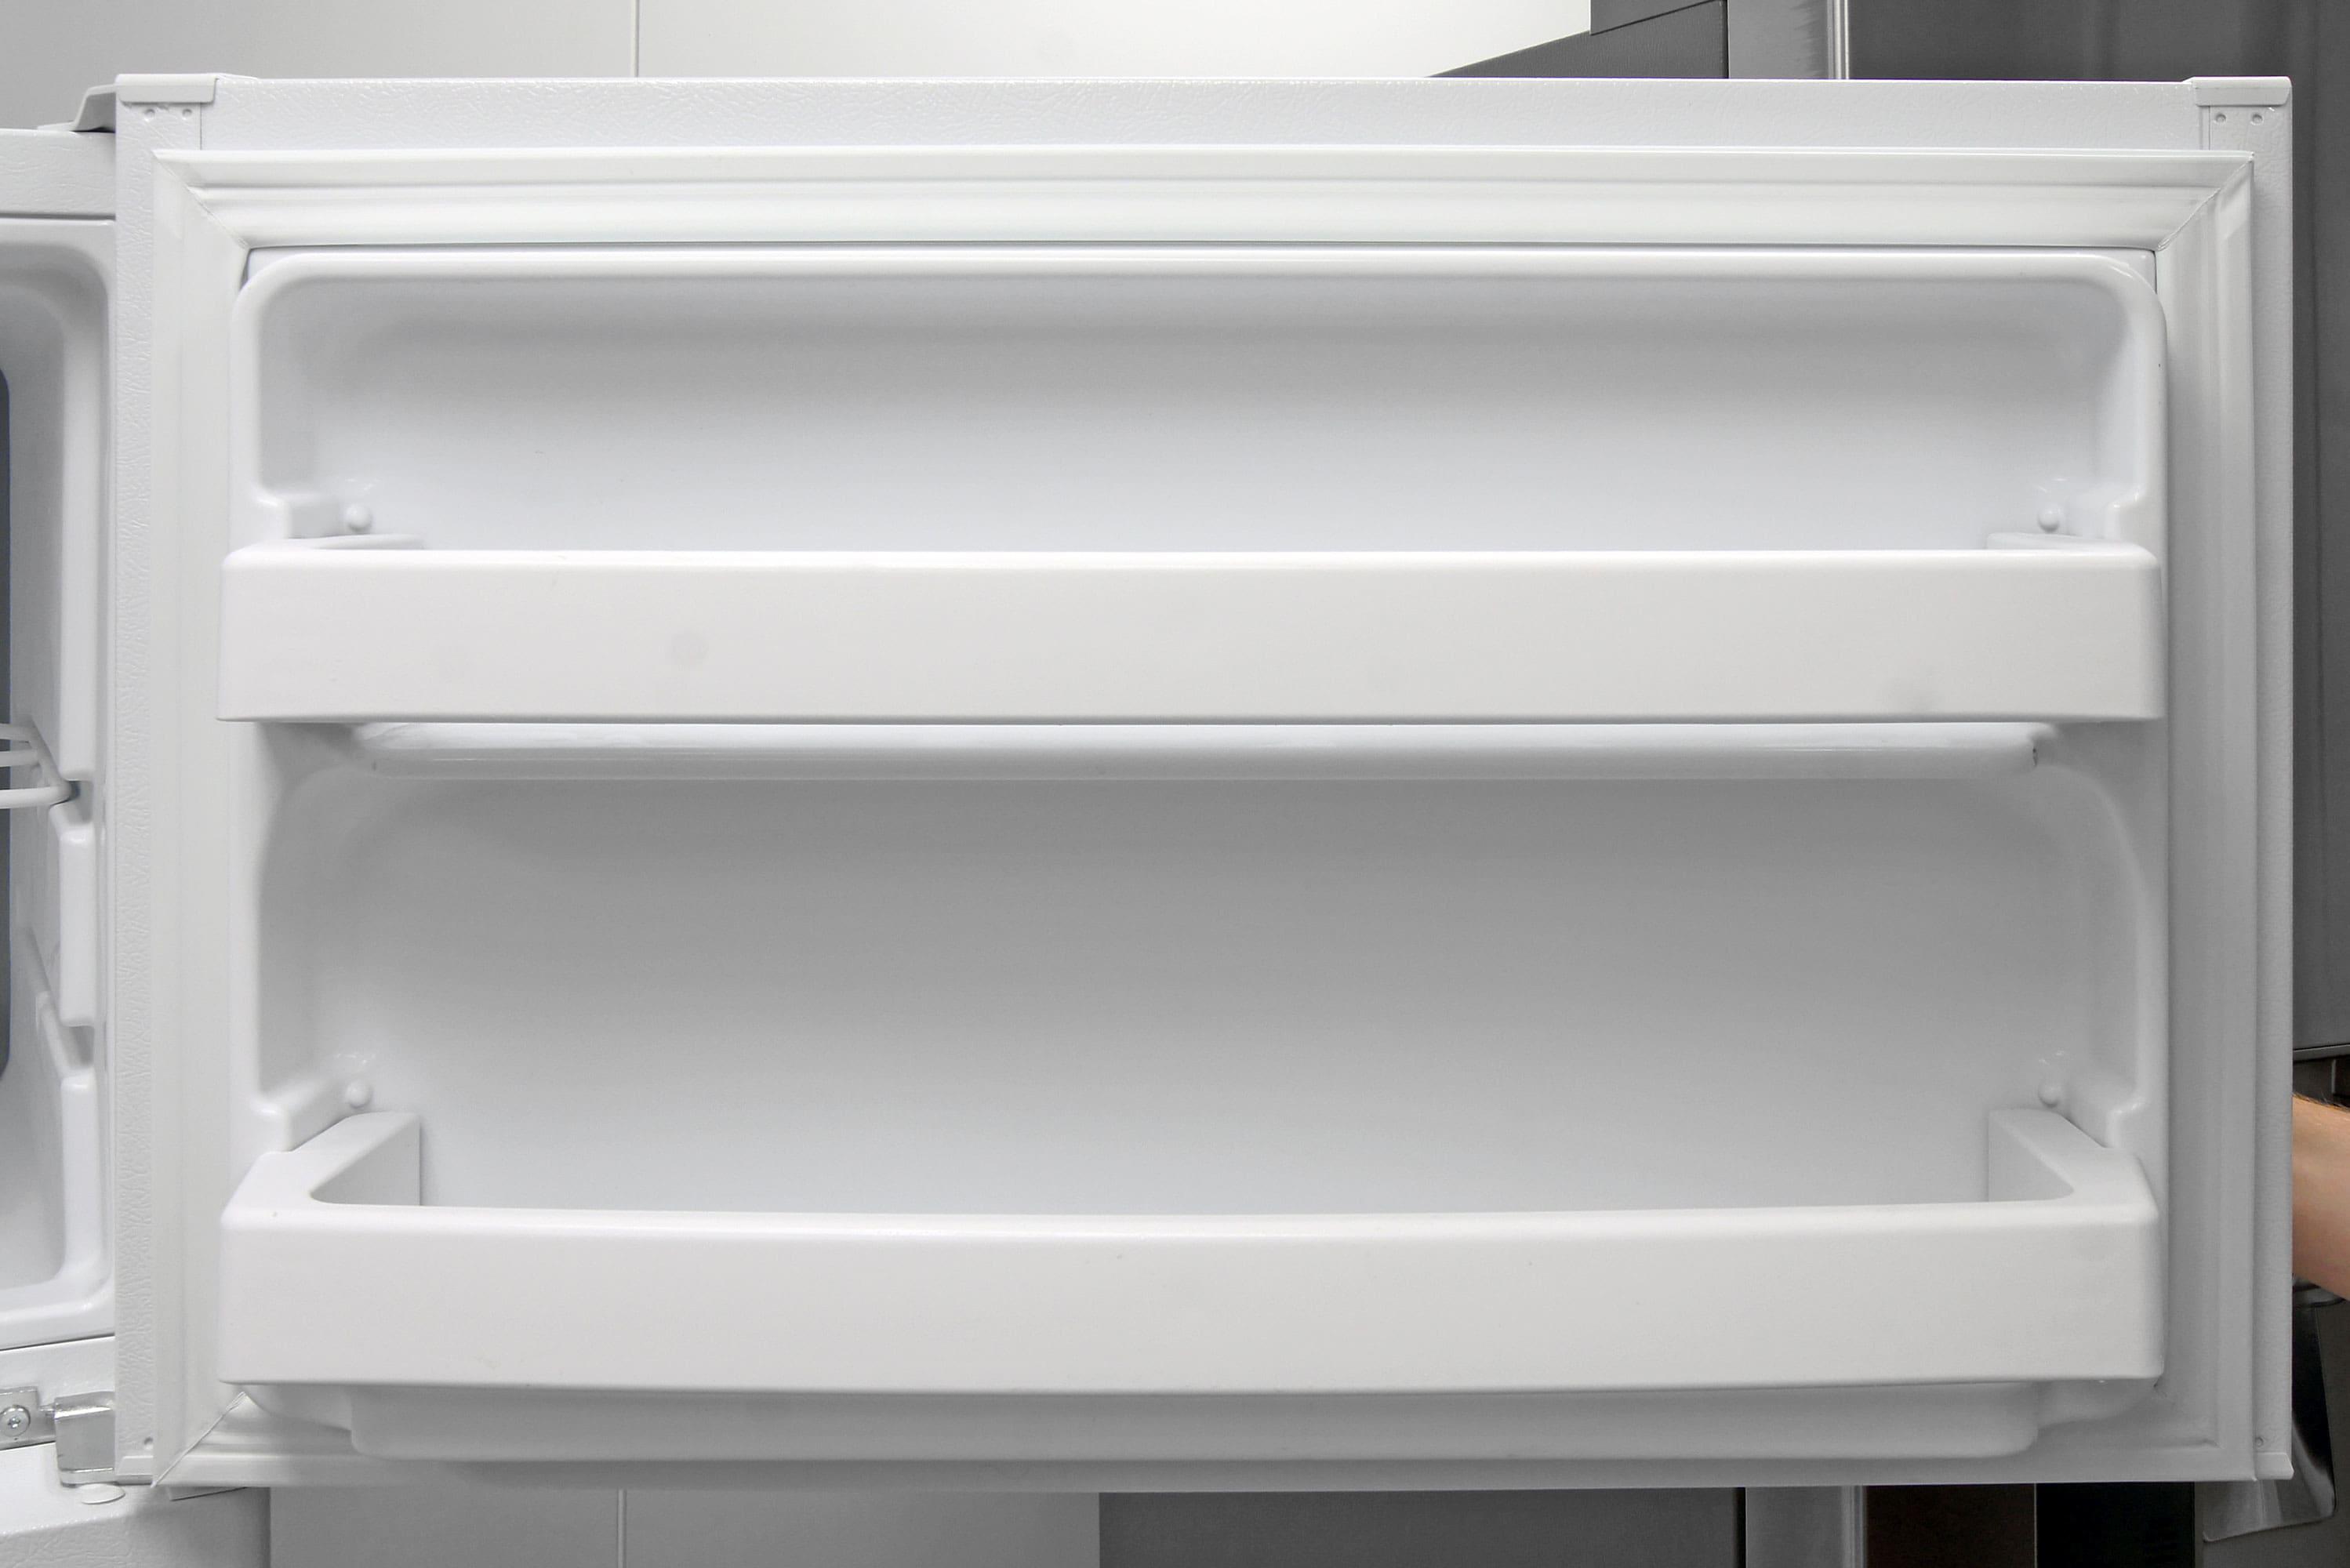 Fixed shelves on the GE GTS16DTHWW's freezer door add supplemental smaller item storage.